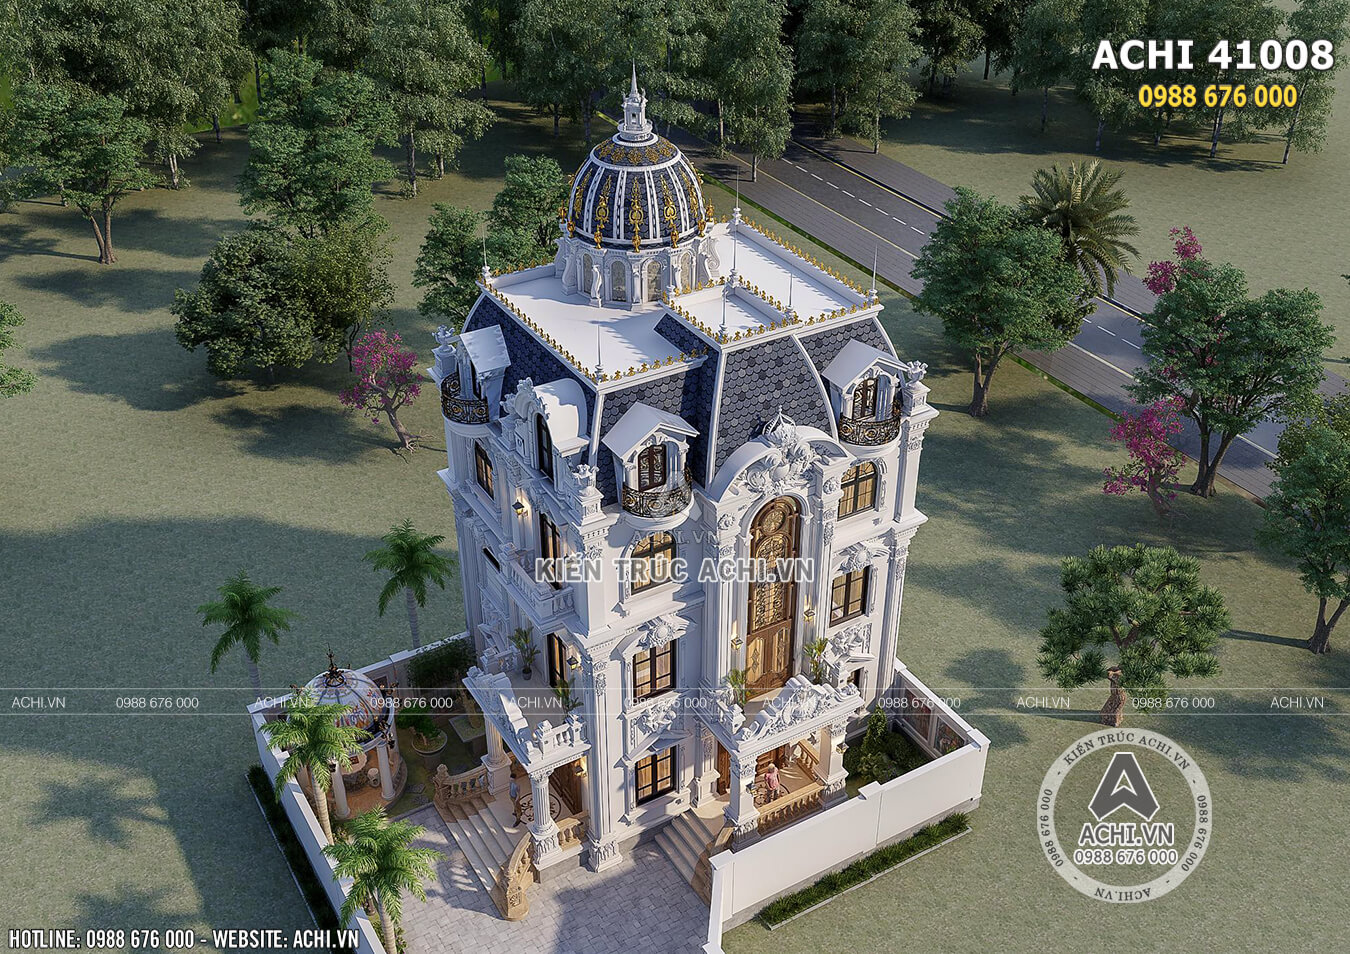 Mẫu biệt thự tân cổ điển đẹp 4 tầng nhìn từ trên cao